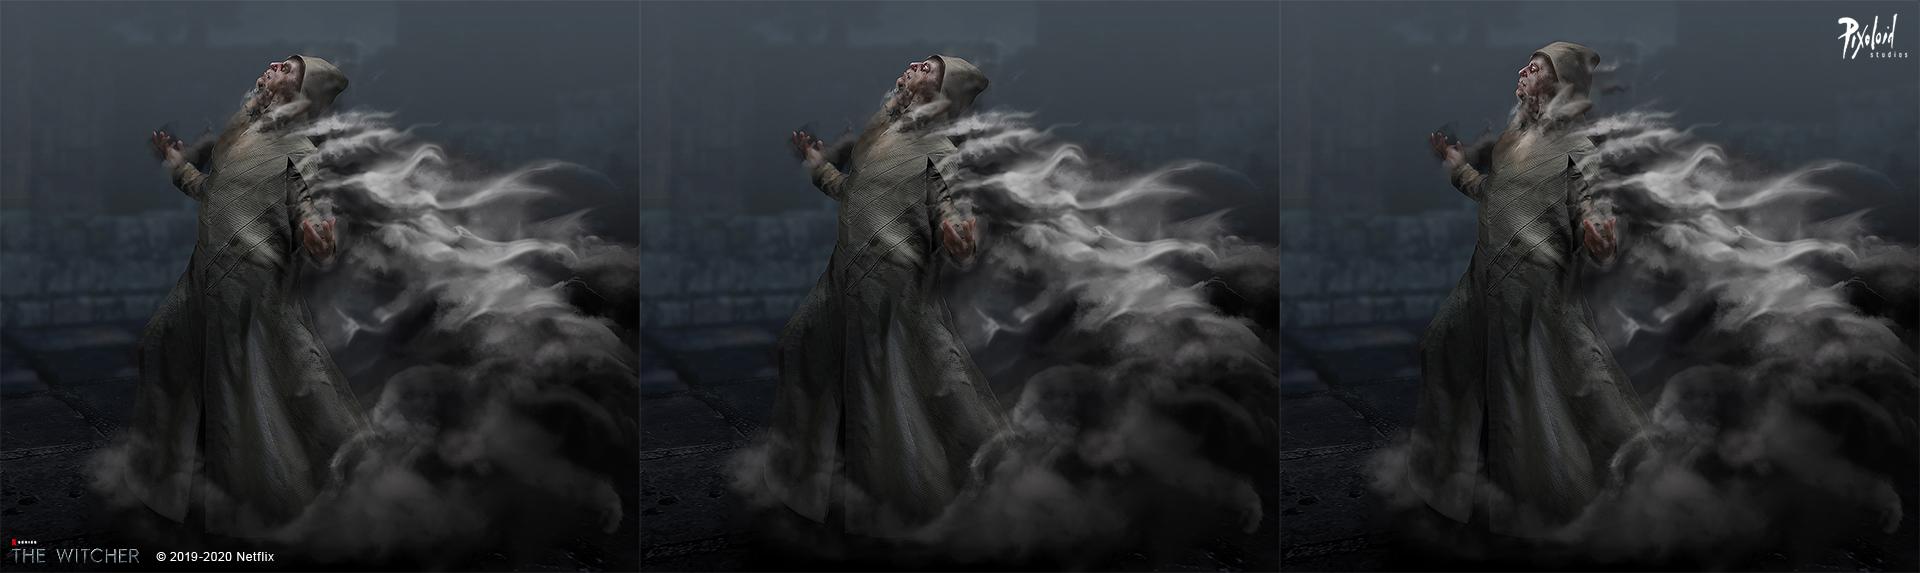 Концепт-арт «Ведьмака»: эльфы-азиты и доспехи Нильфгаарда 8